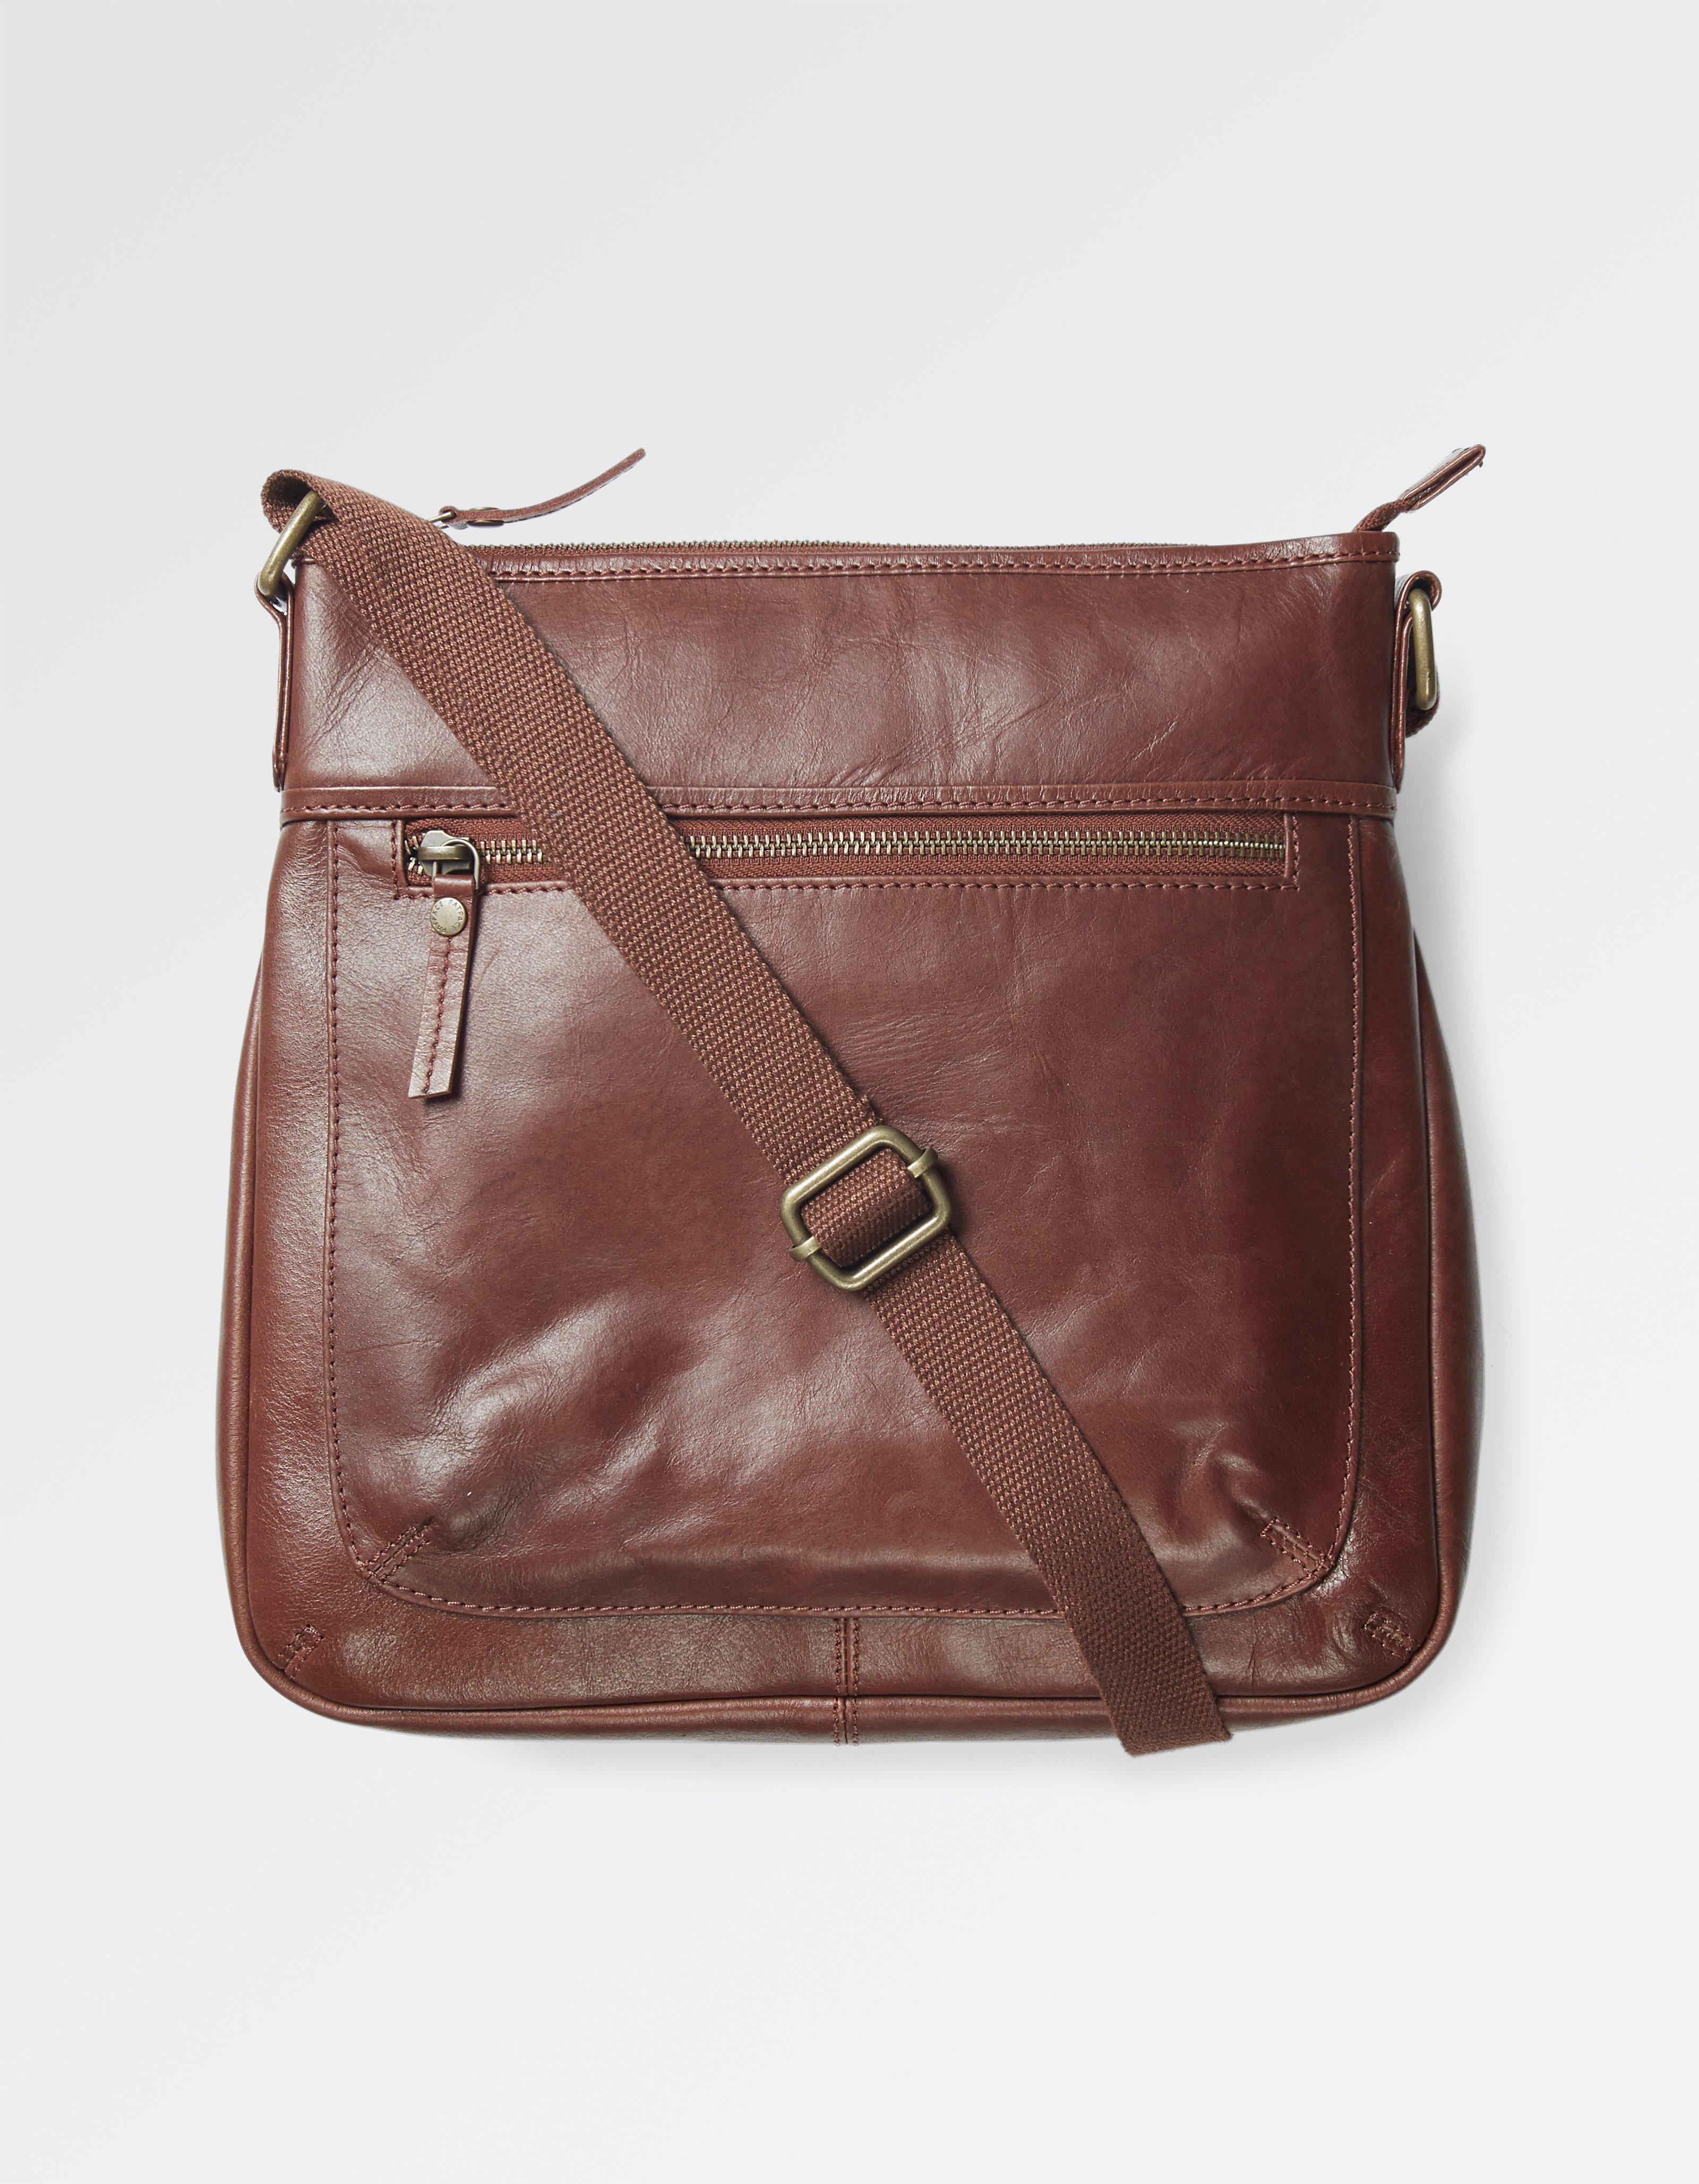 32dda486c839a Chestnut Ally Leather Cross Body Bag